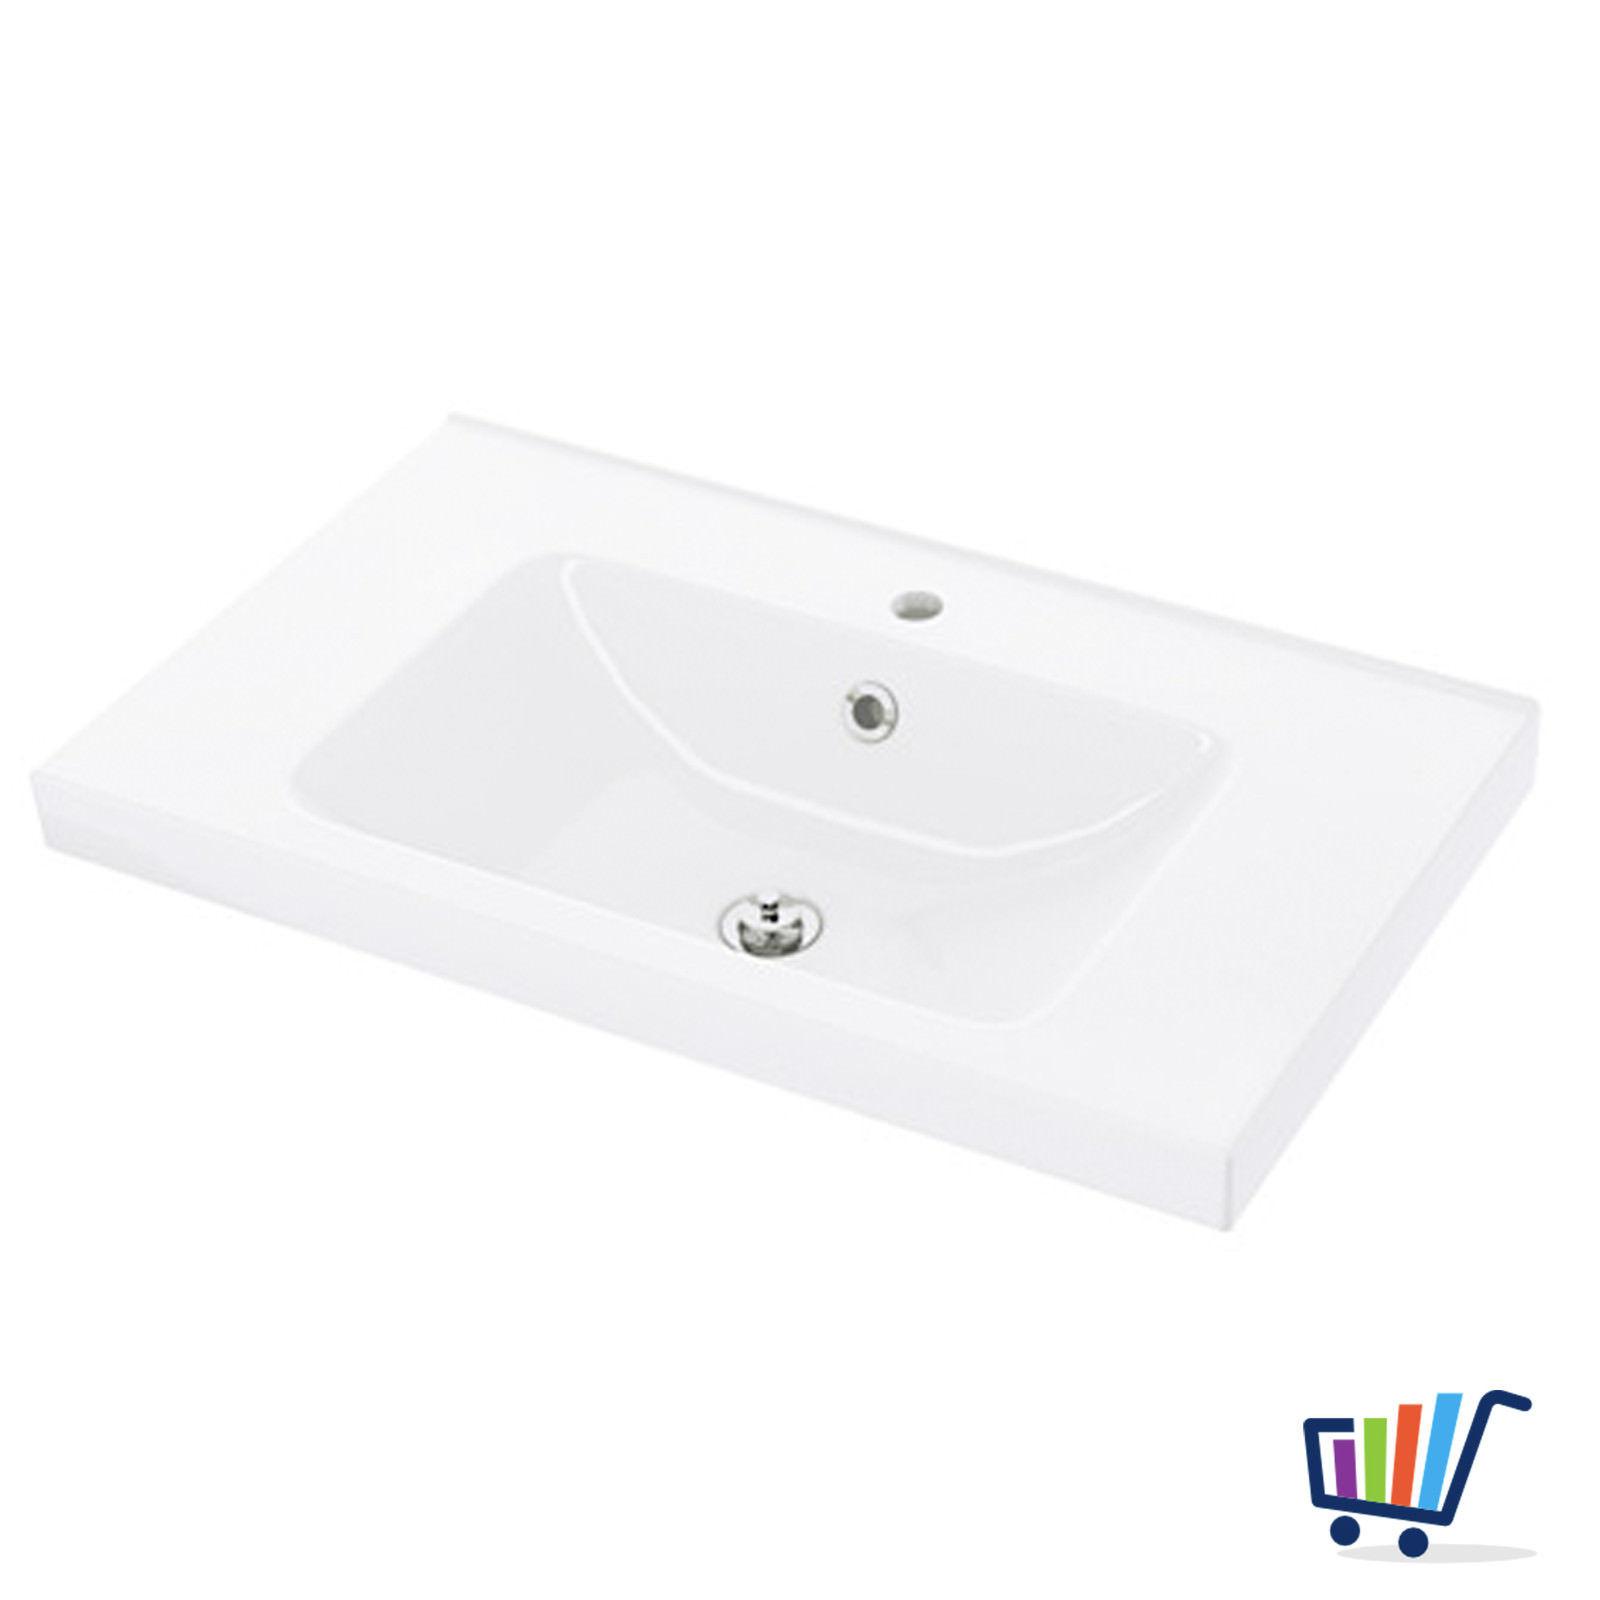 IKEA ODENSVIK Waschbecken Bad 80×49 cm Waschtisch weiß + Abfluss und ...